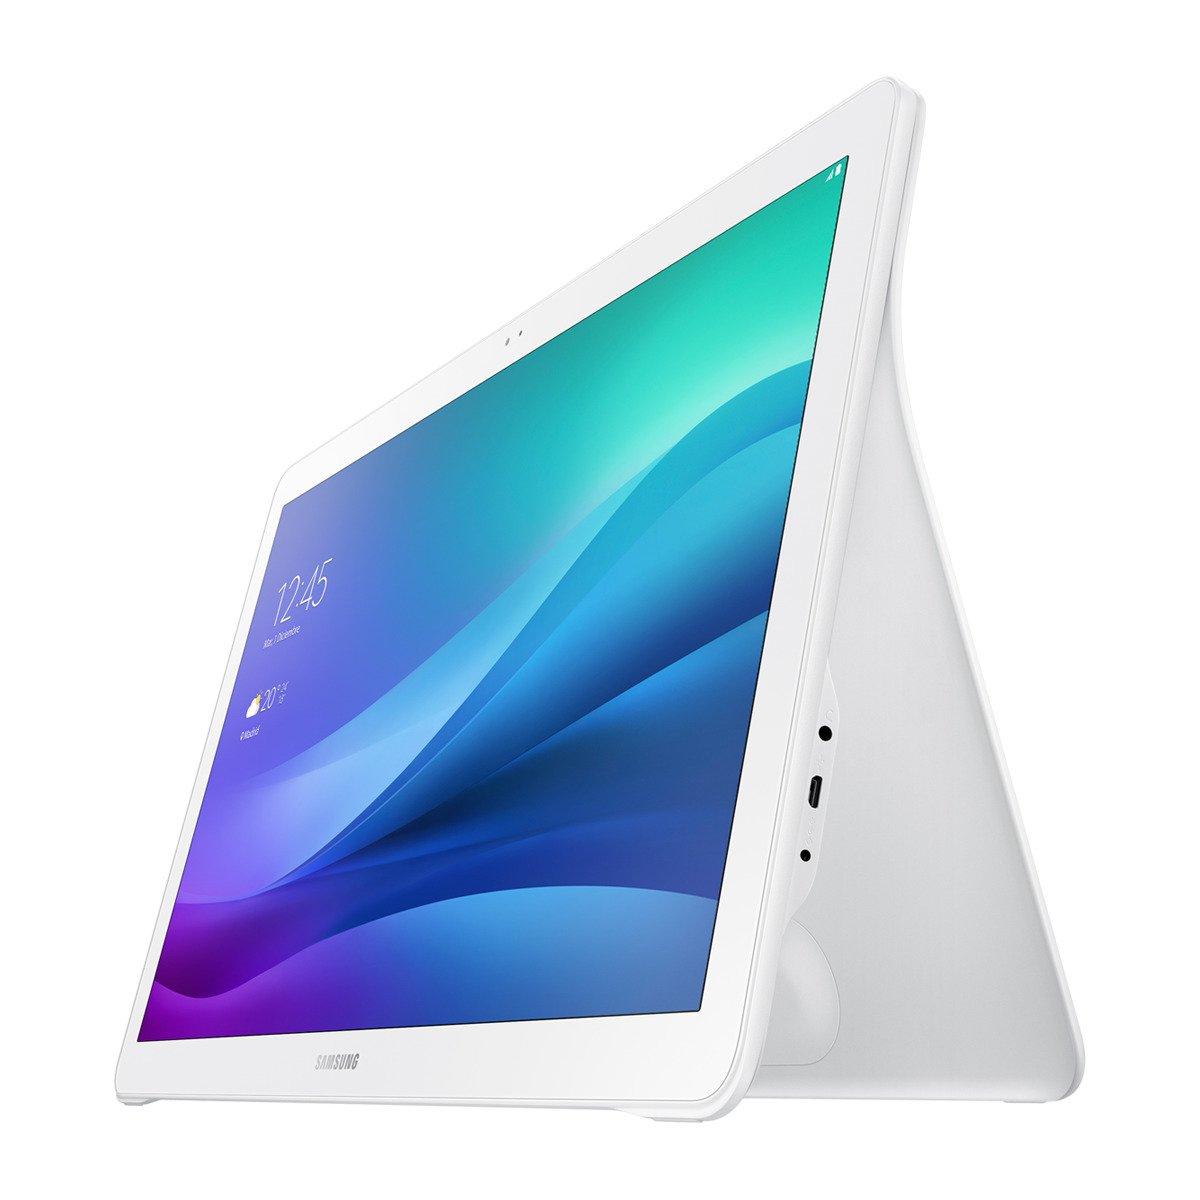 Samsung Galaxy View - Tablet de 18.4 pulgadas FullHD (WiFi, Procesador Octa-core Samsung Exynos 7, 2 GB de RAM, 32 GB de almacenamiento, Android 5.1 ...